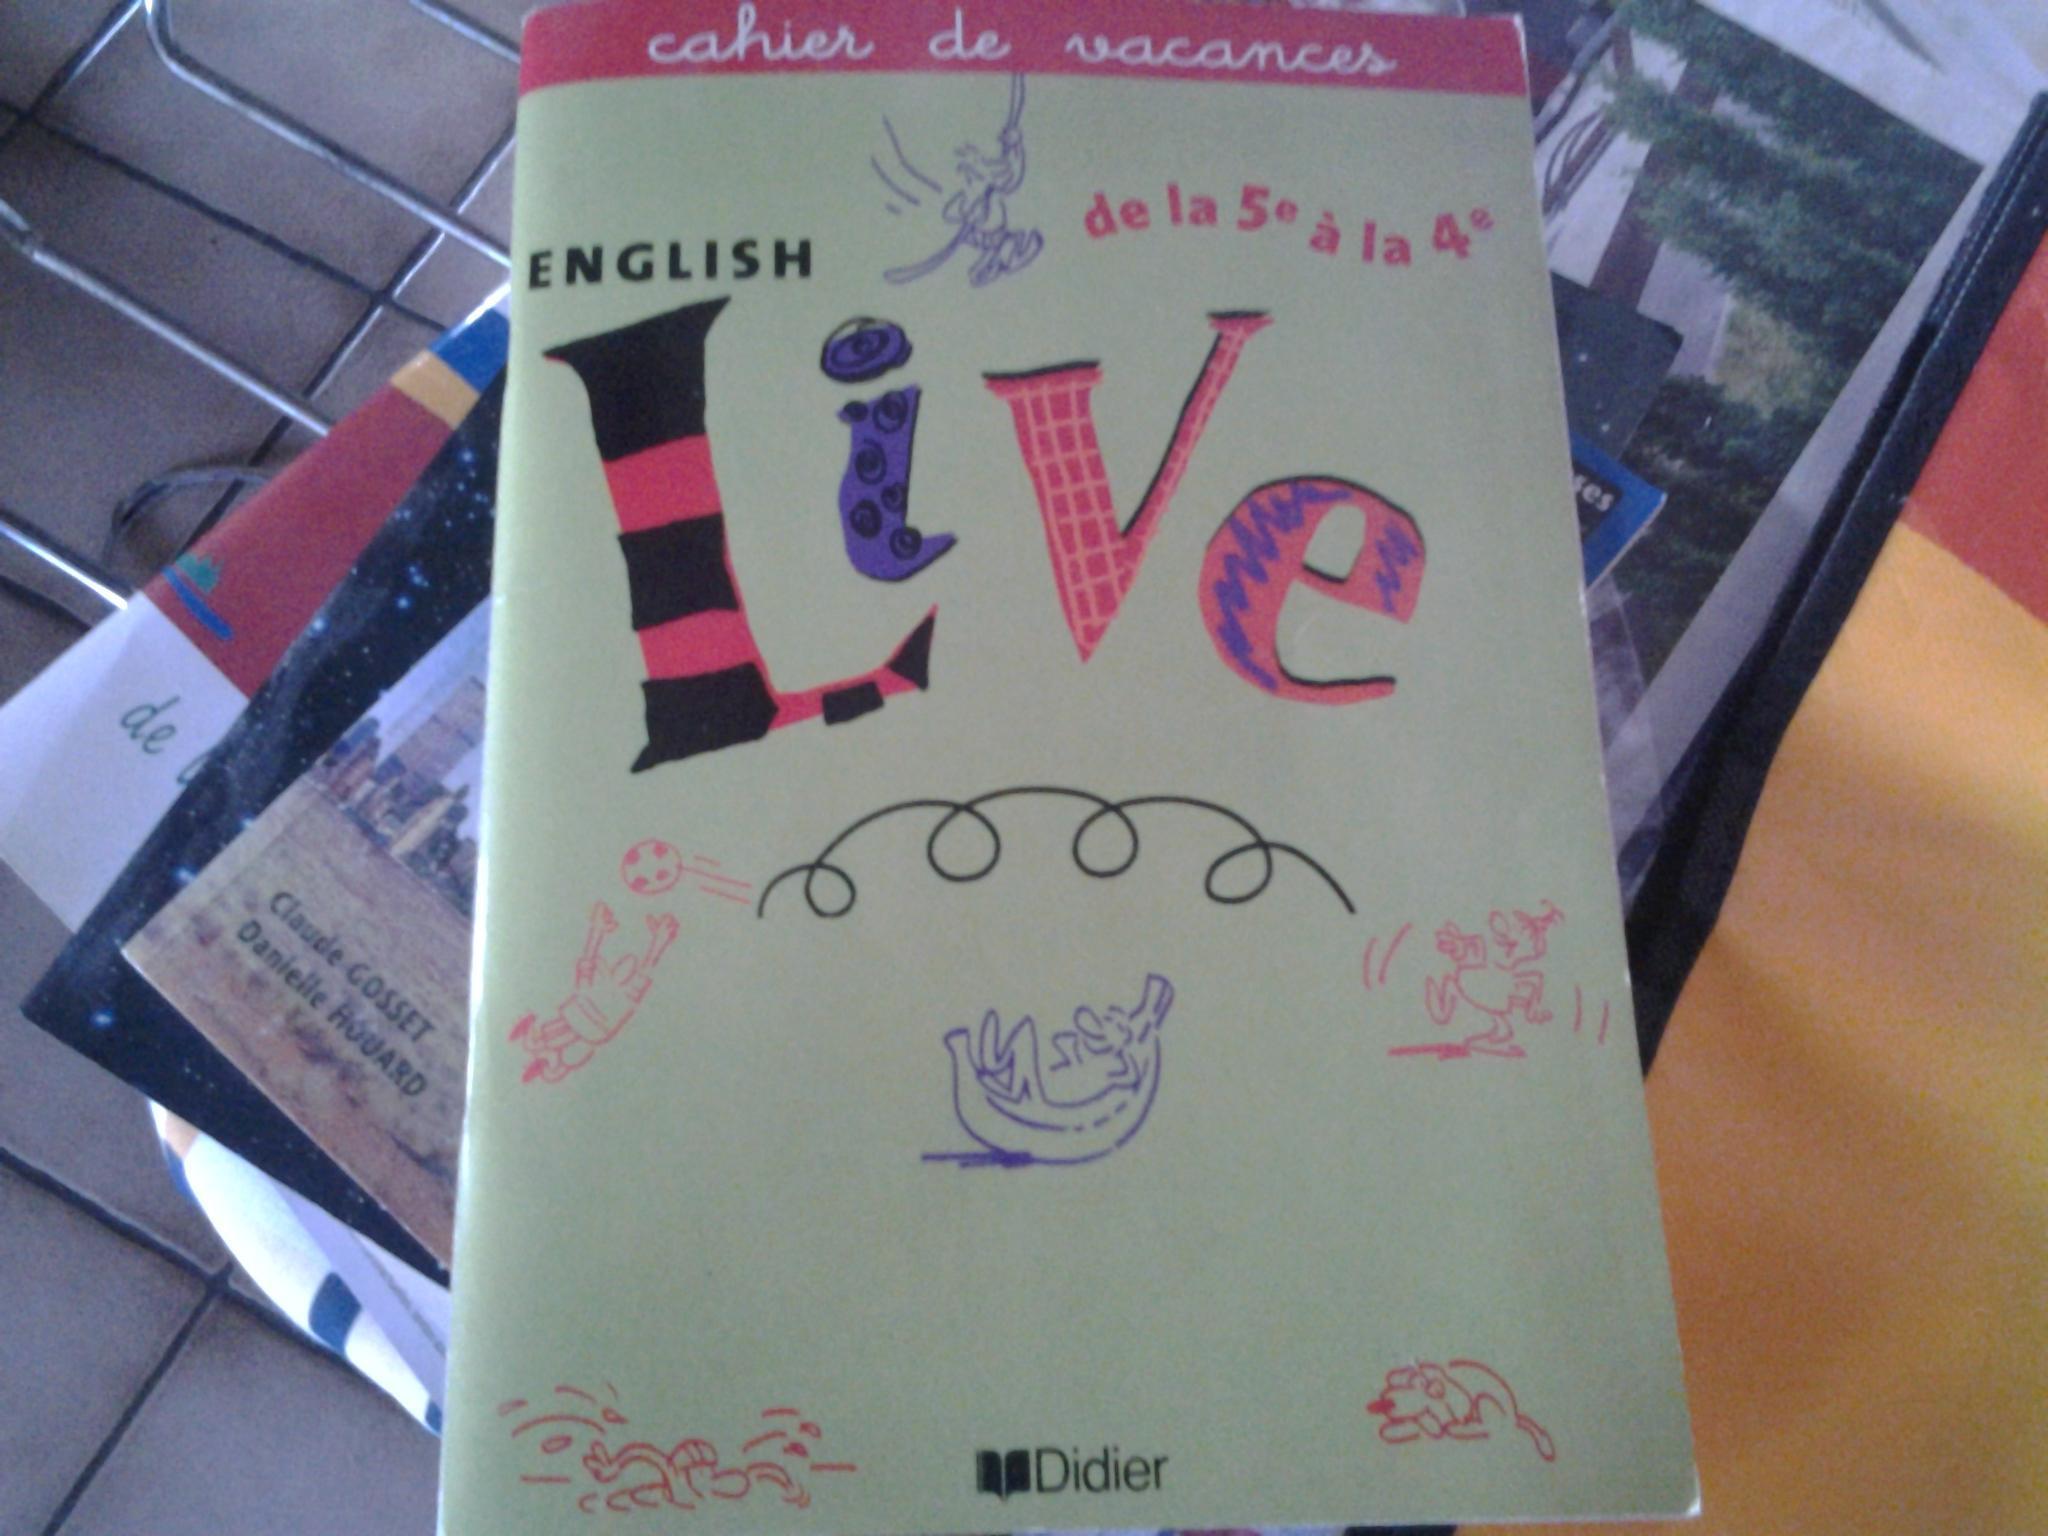 troc de troc cahier de vacances anglais image 0